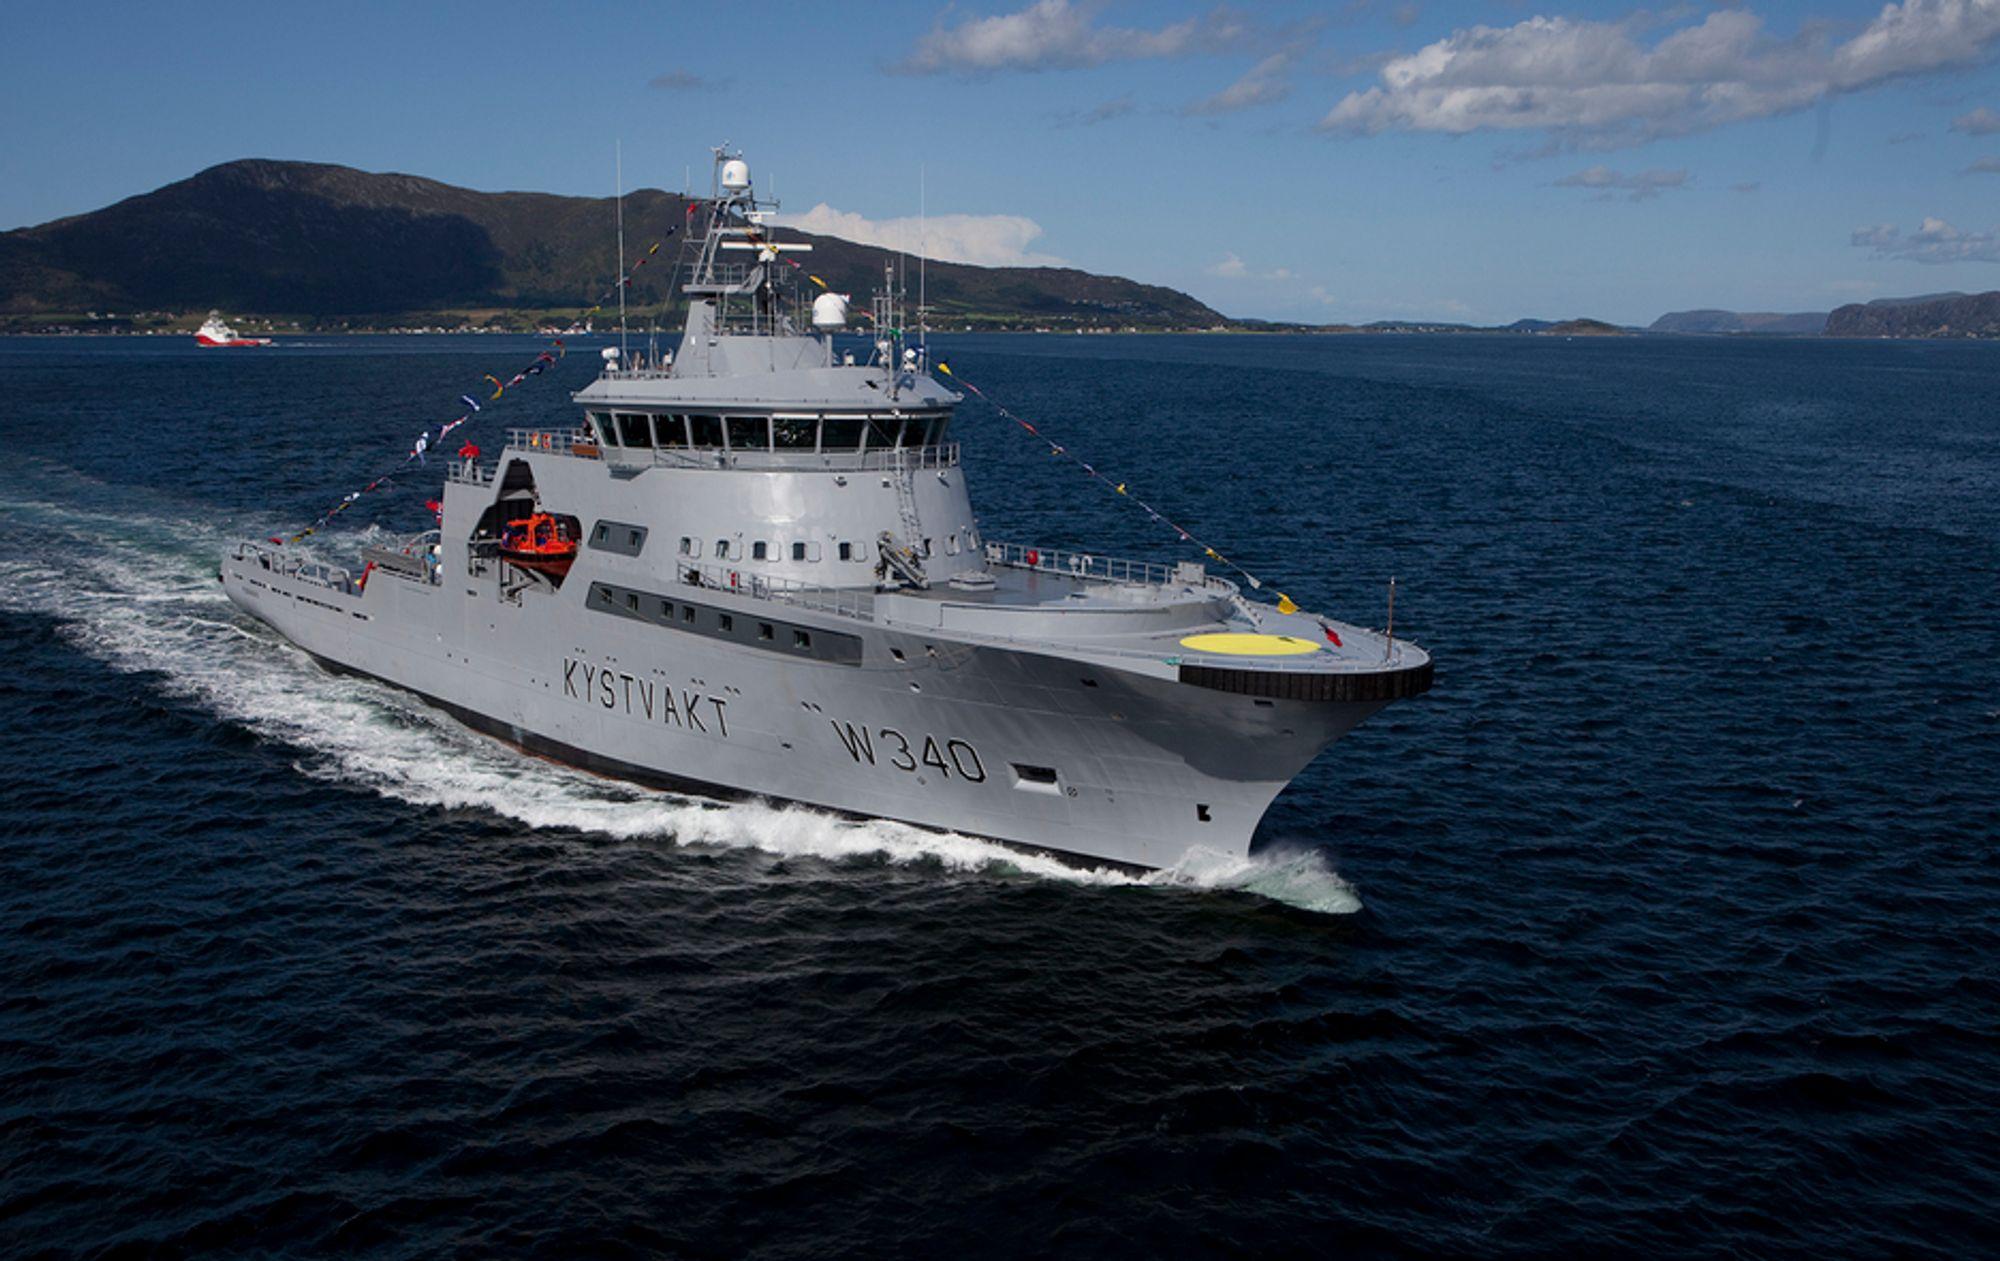 KV Barentshav ble reparert ved Nauta-verftet i Polen etter en grunnstøting i 2011. Her er skipet ved en annen anledning.